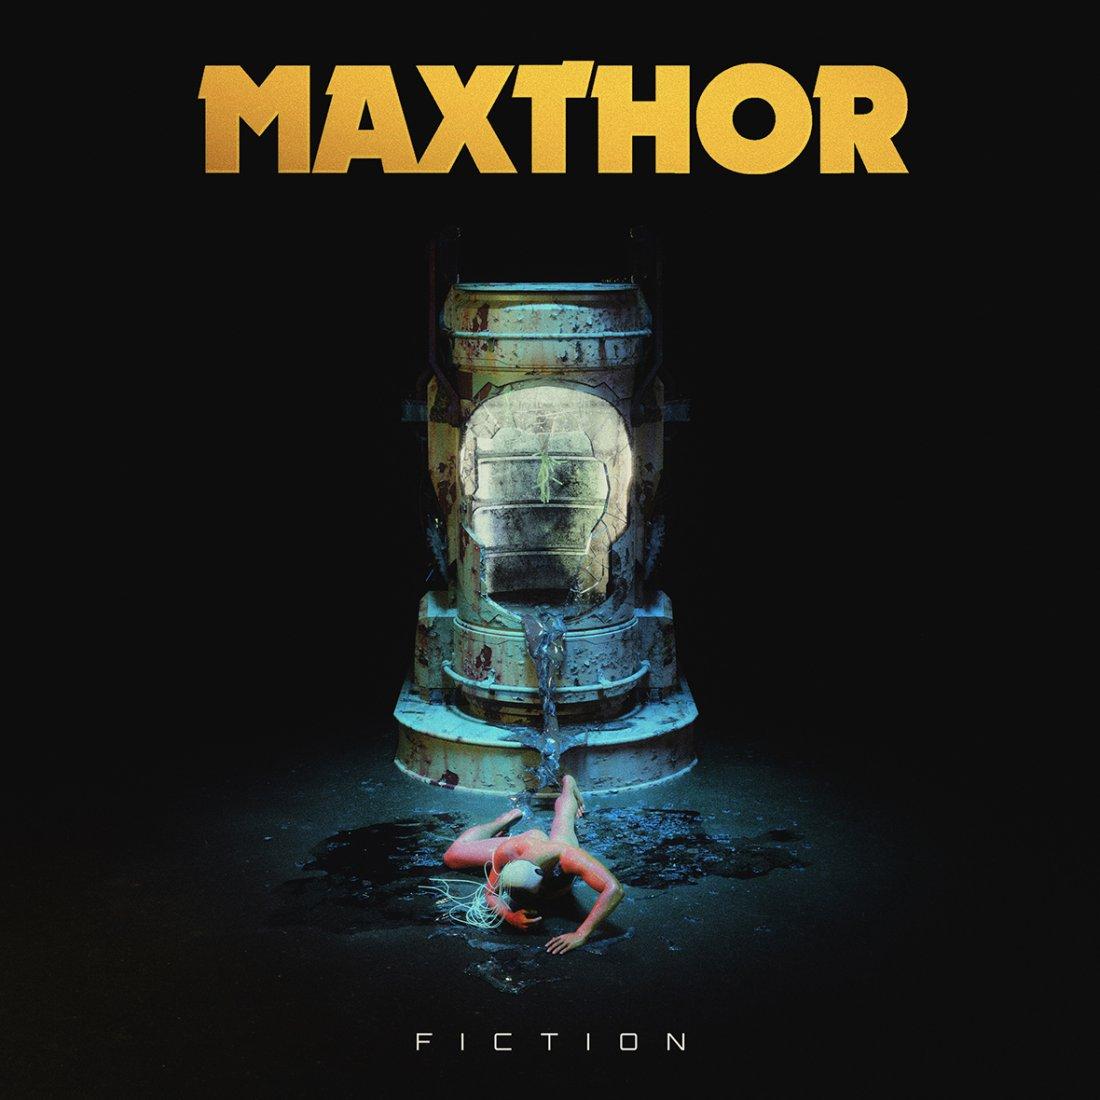 Maxthor, liderado por el alicantino Luis Deltell, que triunfa en países como Rusia publica su nuevo disco 'Fiction' en MÚSICA